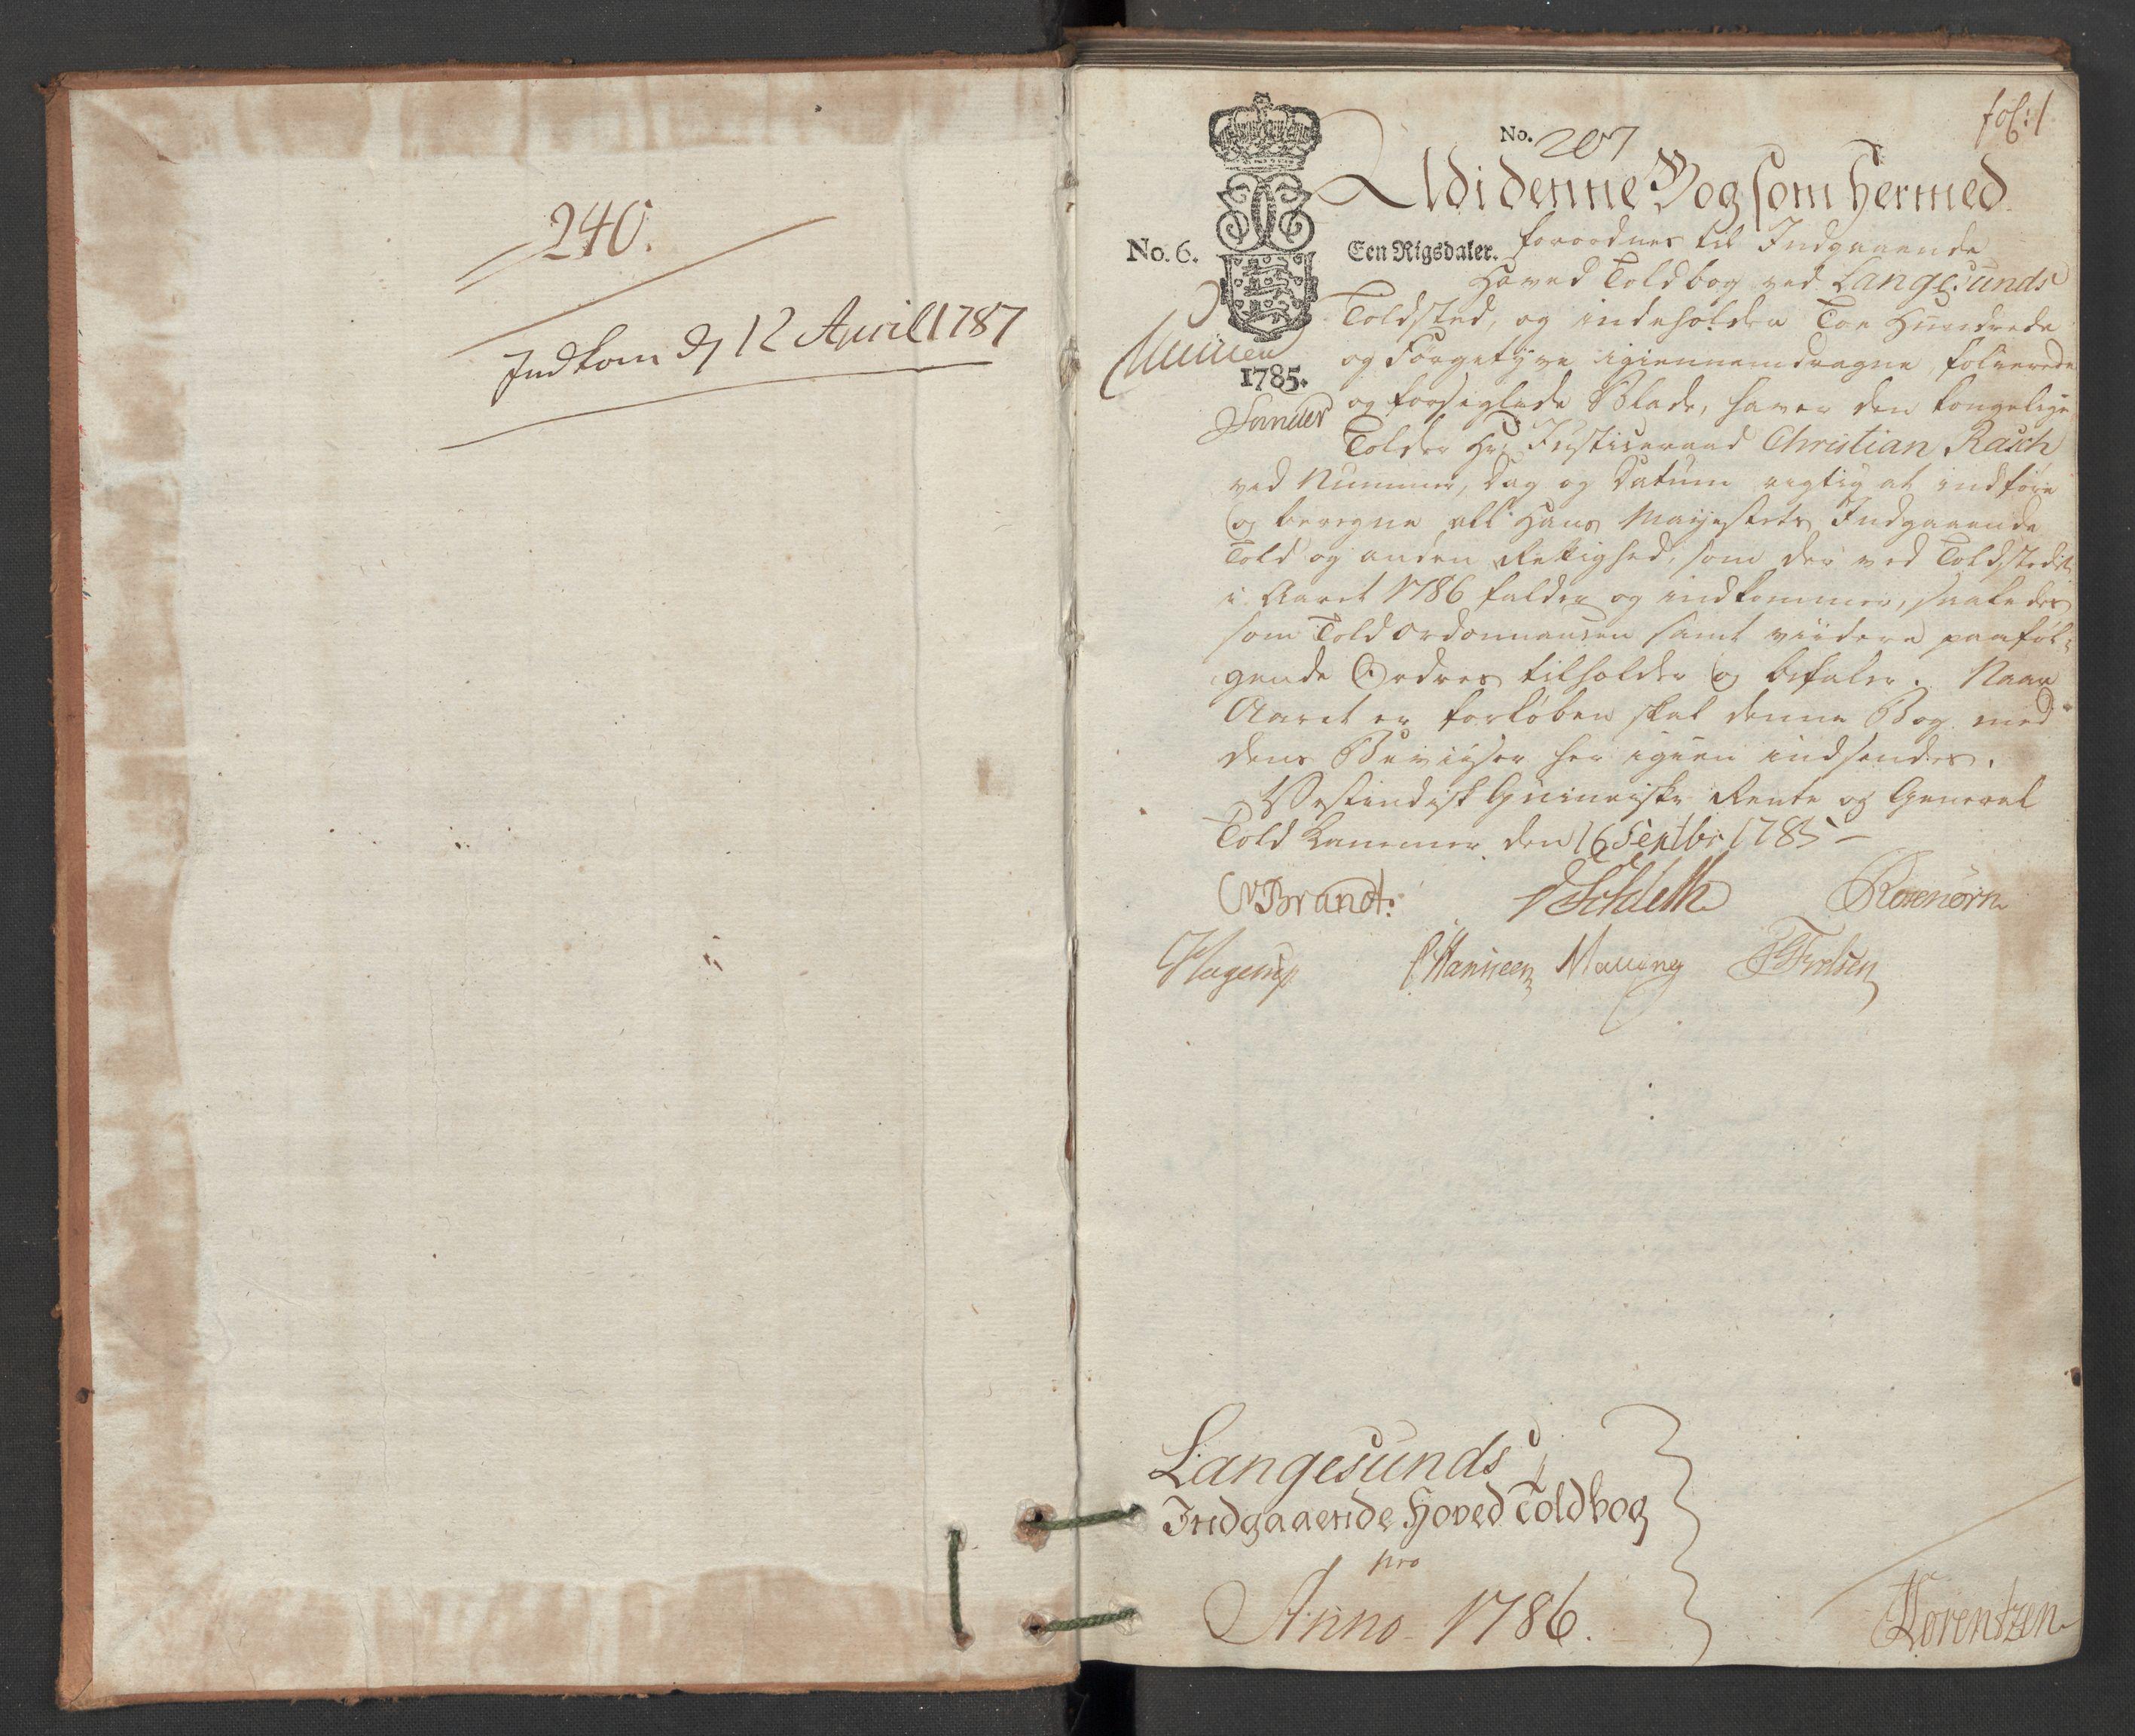 RA, Generaltollkammeret, tollregnskaper, R12/L0118: Tollregnskaper Langesund, 1786, p. 1a